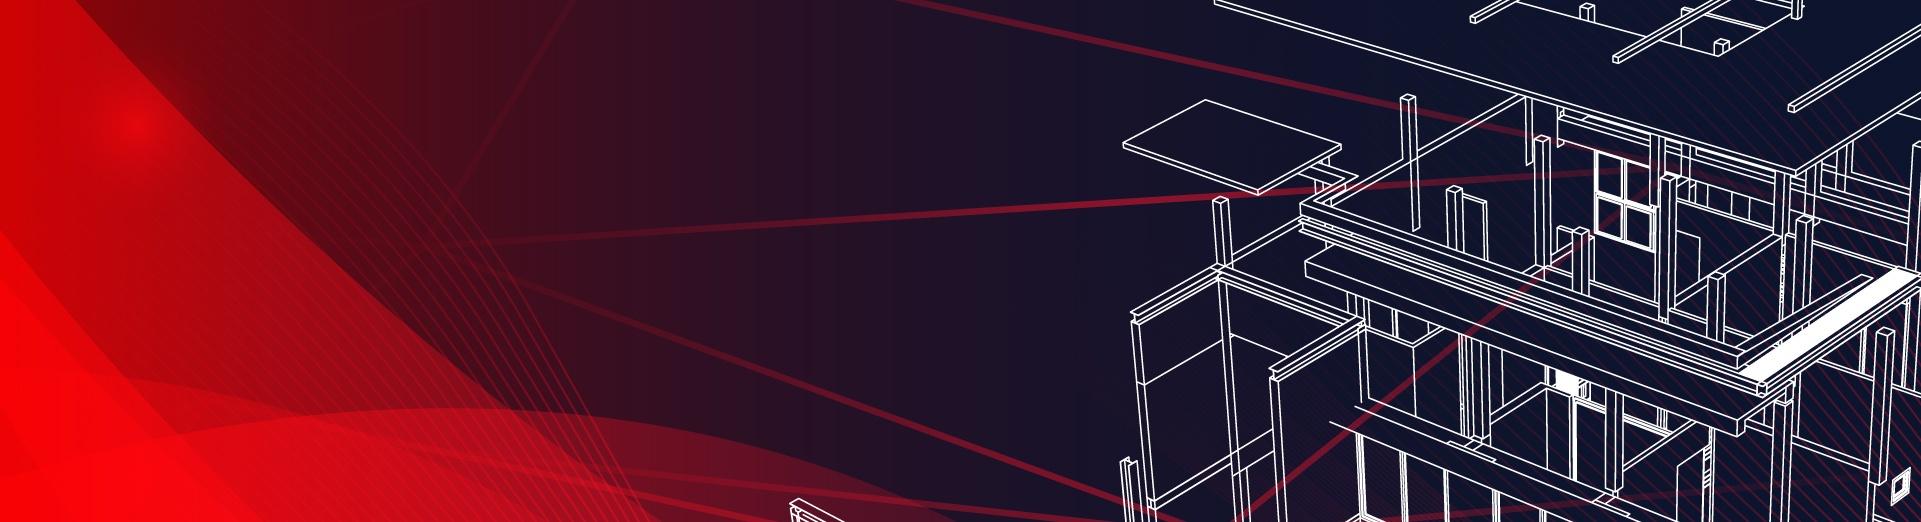 Floor Planning Pillar Page Header Alt.jpg